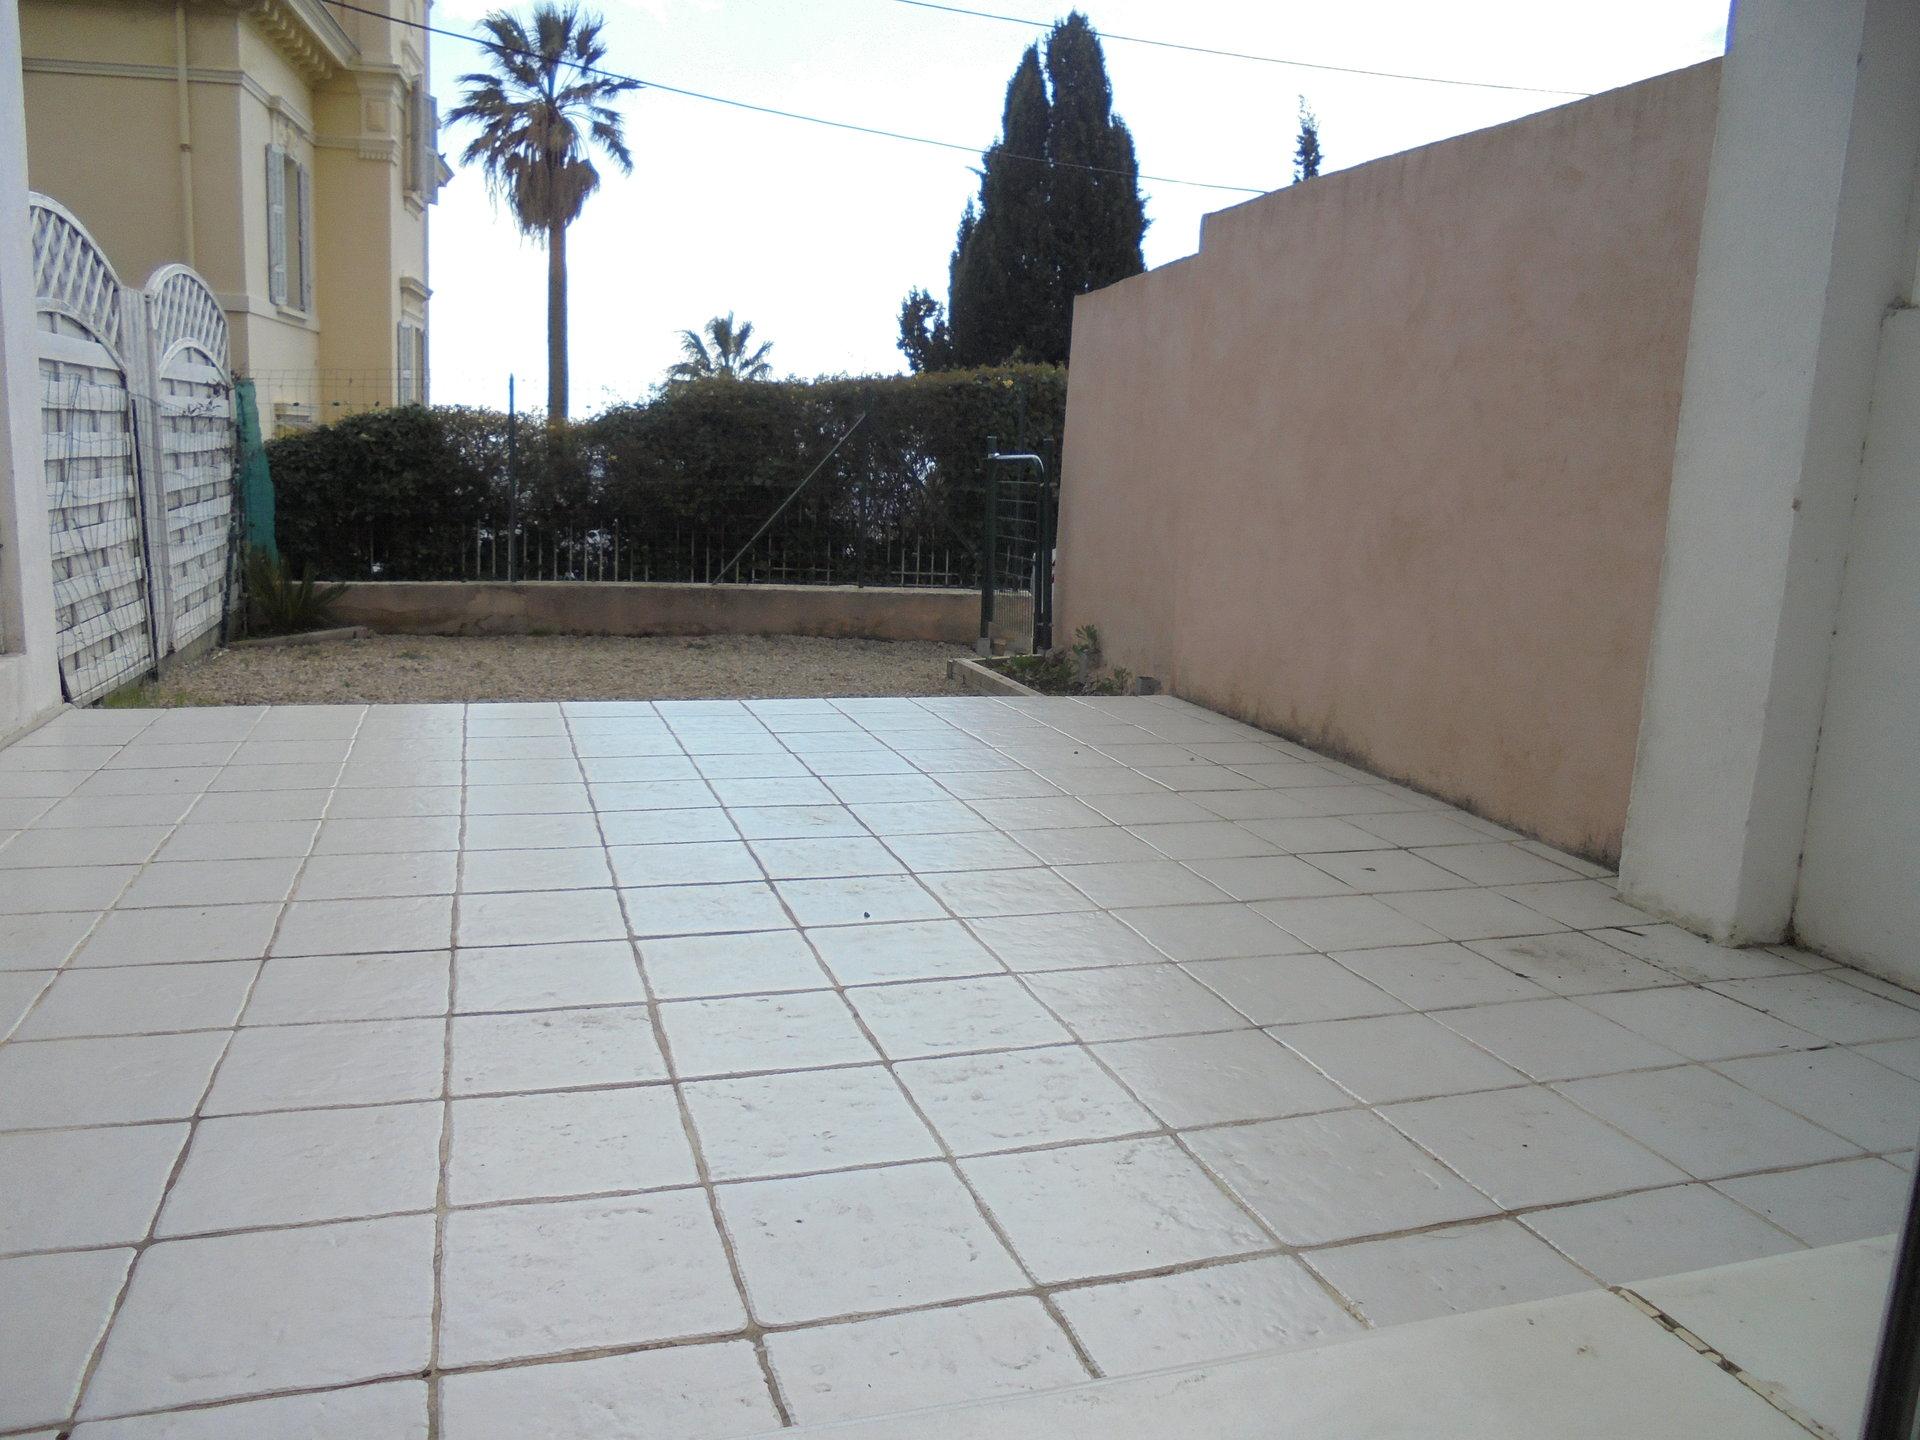 GRASSE Est, Quartier résidentiel,  2 pièces, Rez de jardin